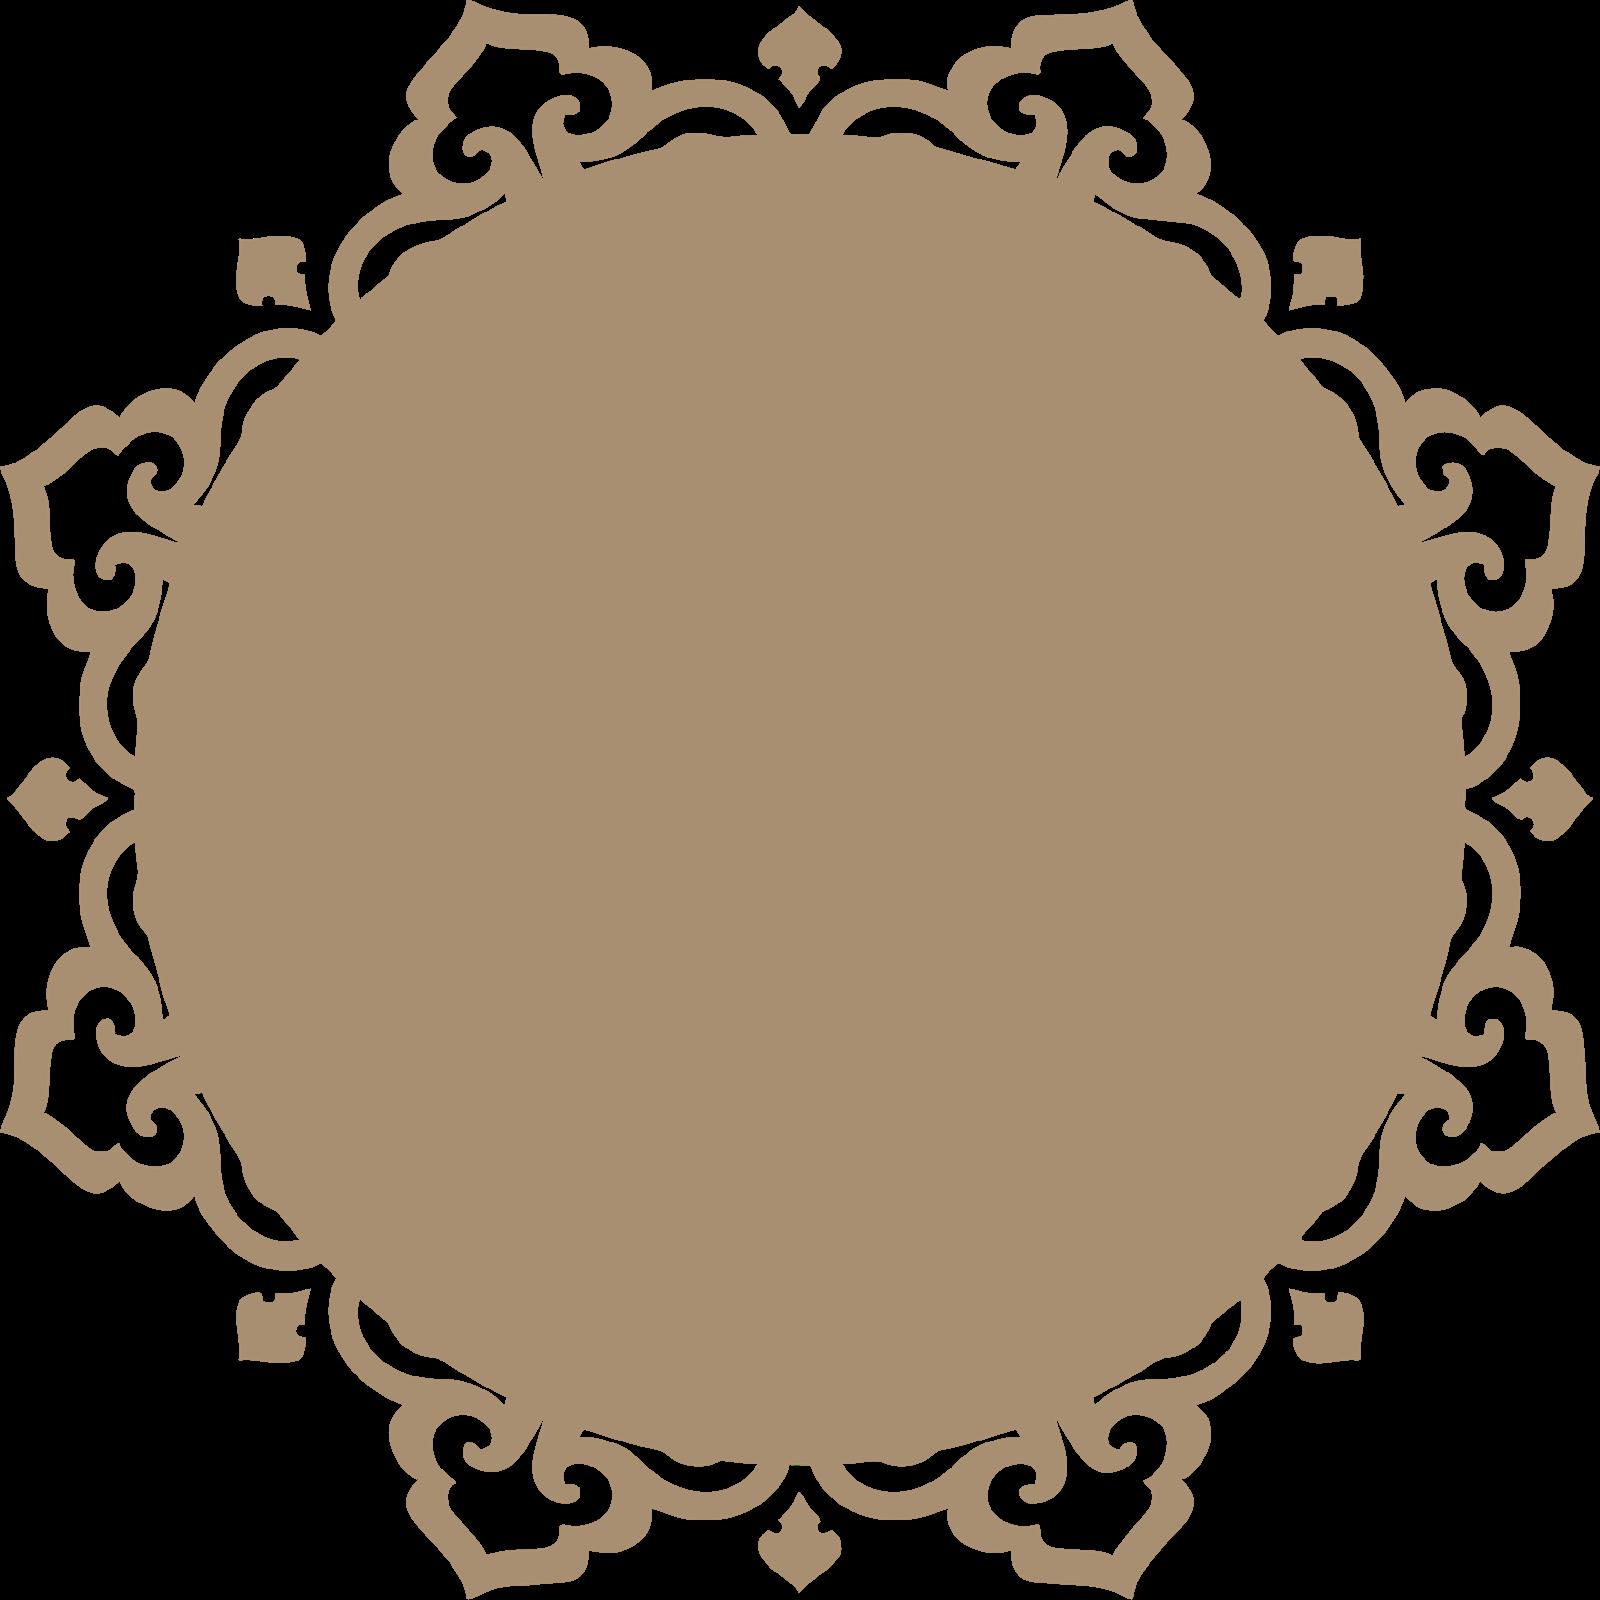 Frames escalopes gr tis para baixar arquivos silhouette for Craft company no 6